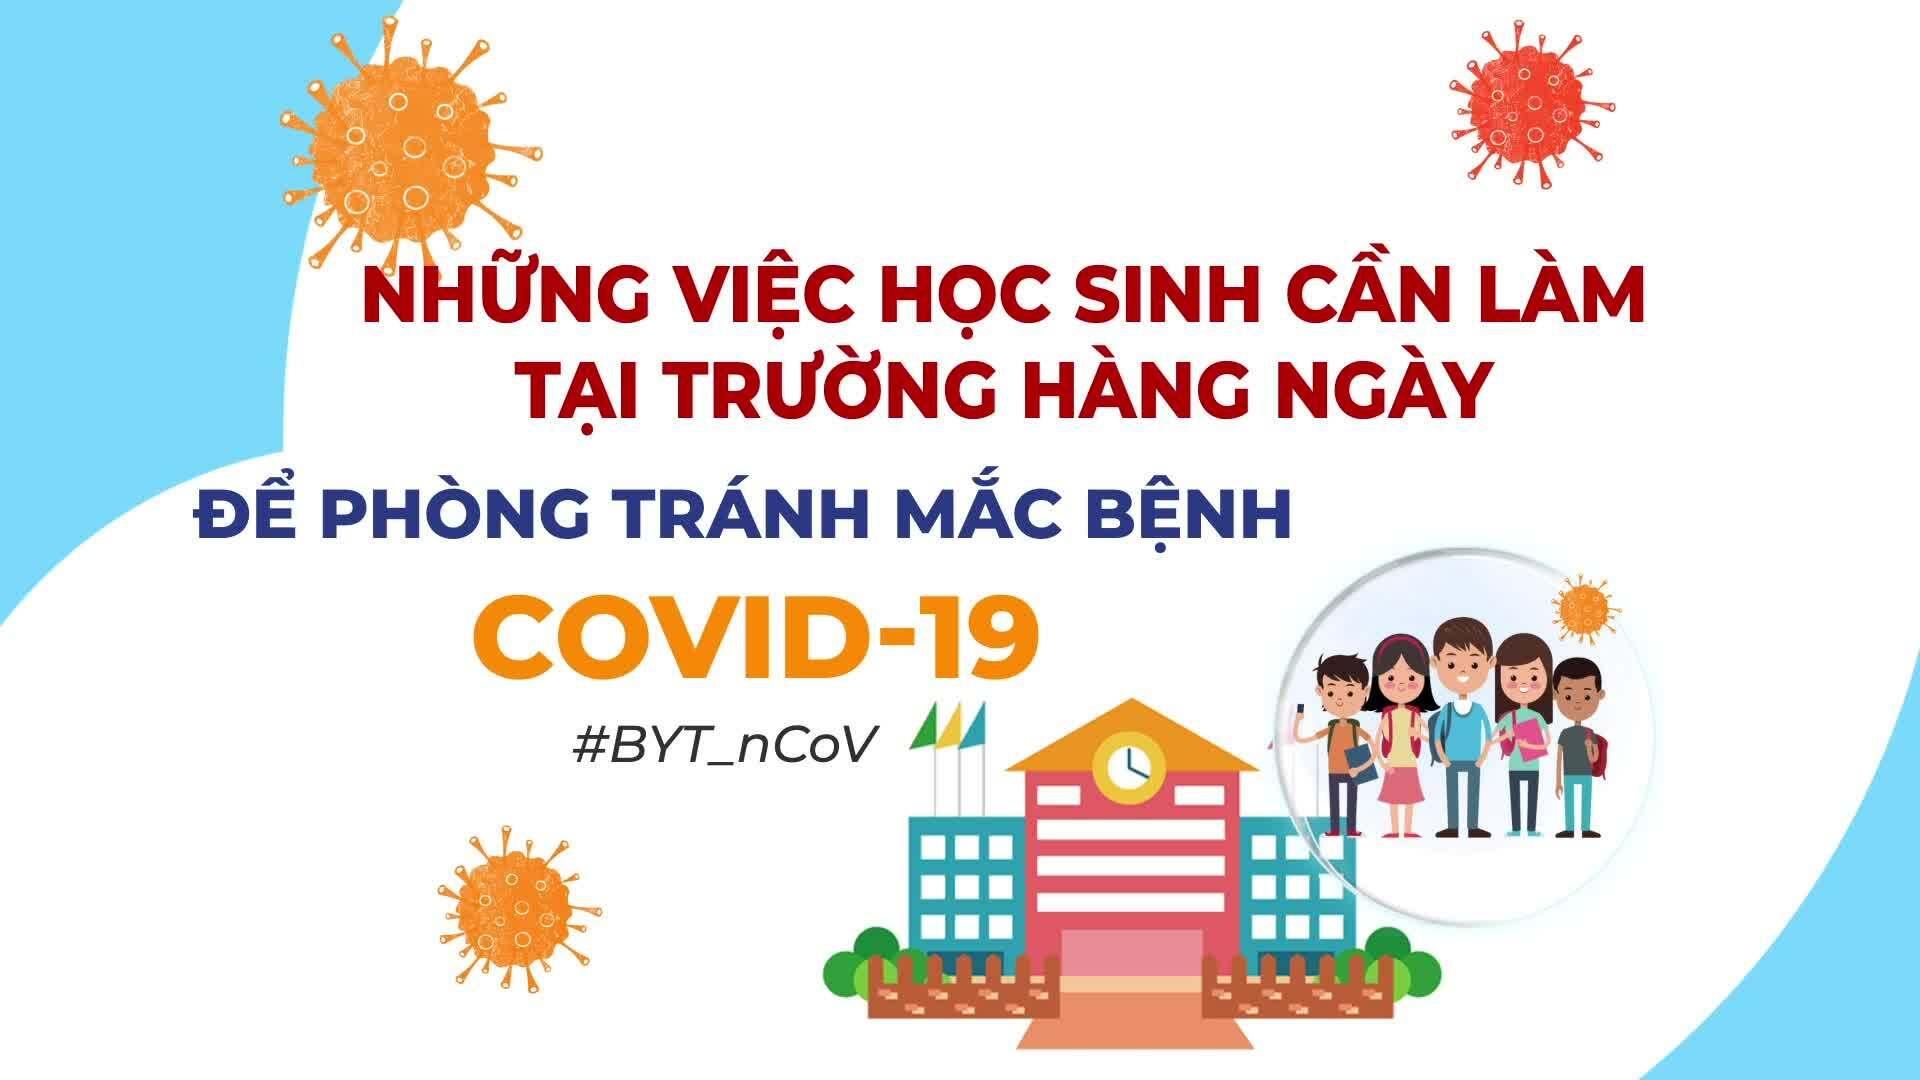 Những việc học sinh cần làm tránh mắc Covid-19